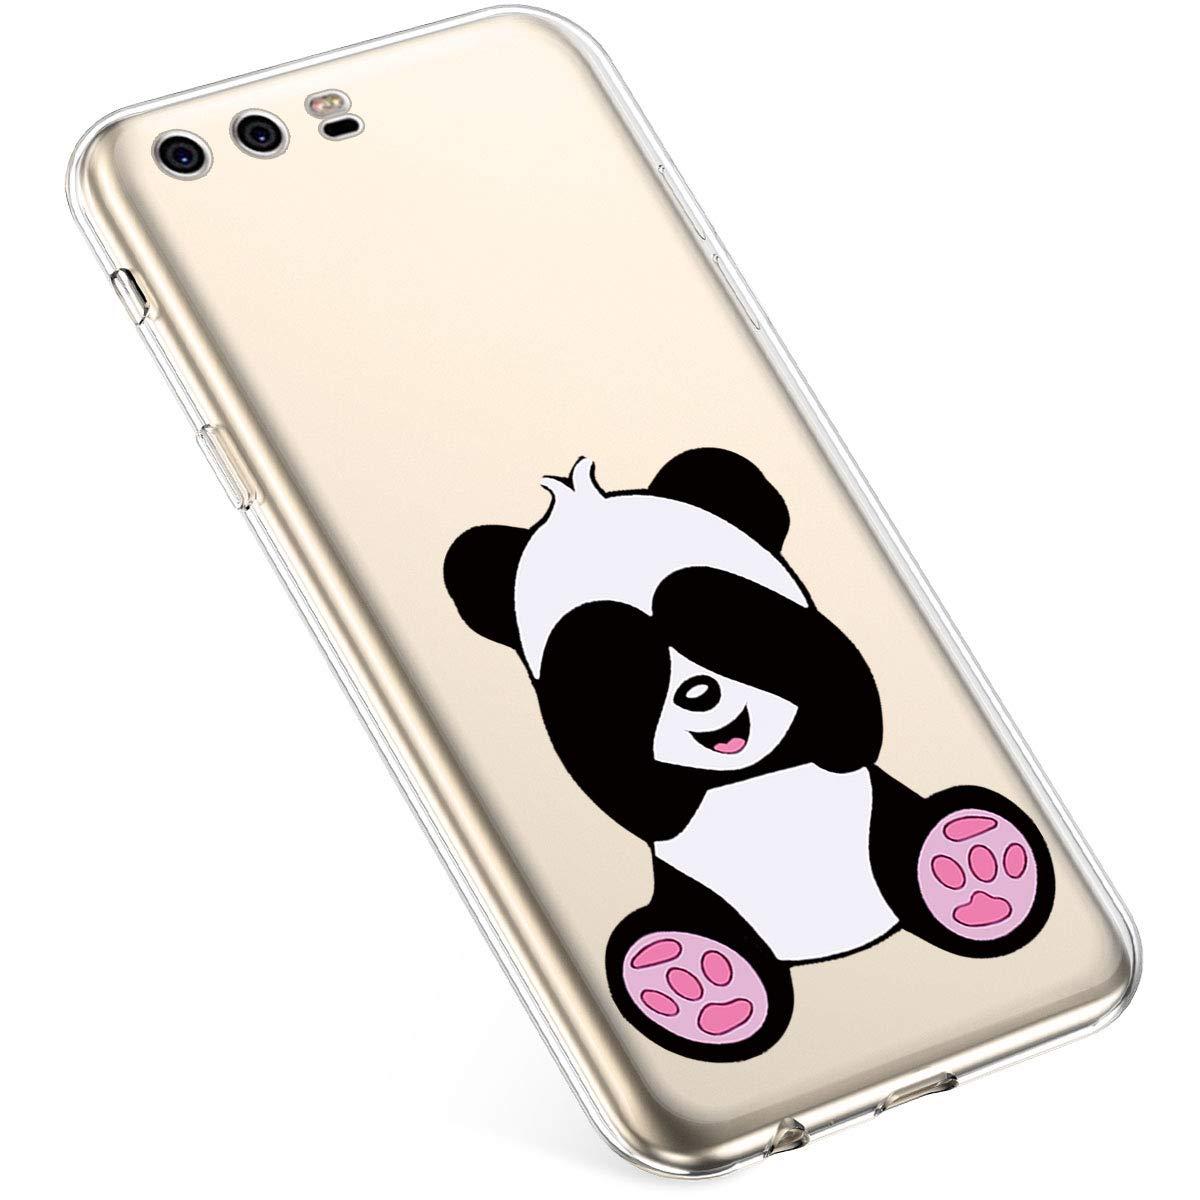 Felfy Kompatibel mit Huawei P10 Plus H/ülle,Kompatibel mit Huawei P10 Plus Handyh/ülle Transparent Silikon Schutzh/ülle Elegant Muster D/ünn Weich Klar Silikonh/ülle Sto/ßfest Schlank Cover Case H/üllen